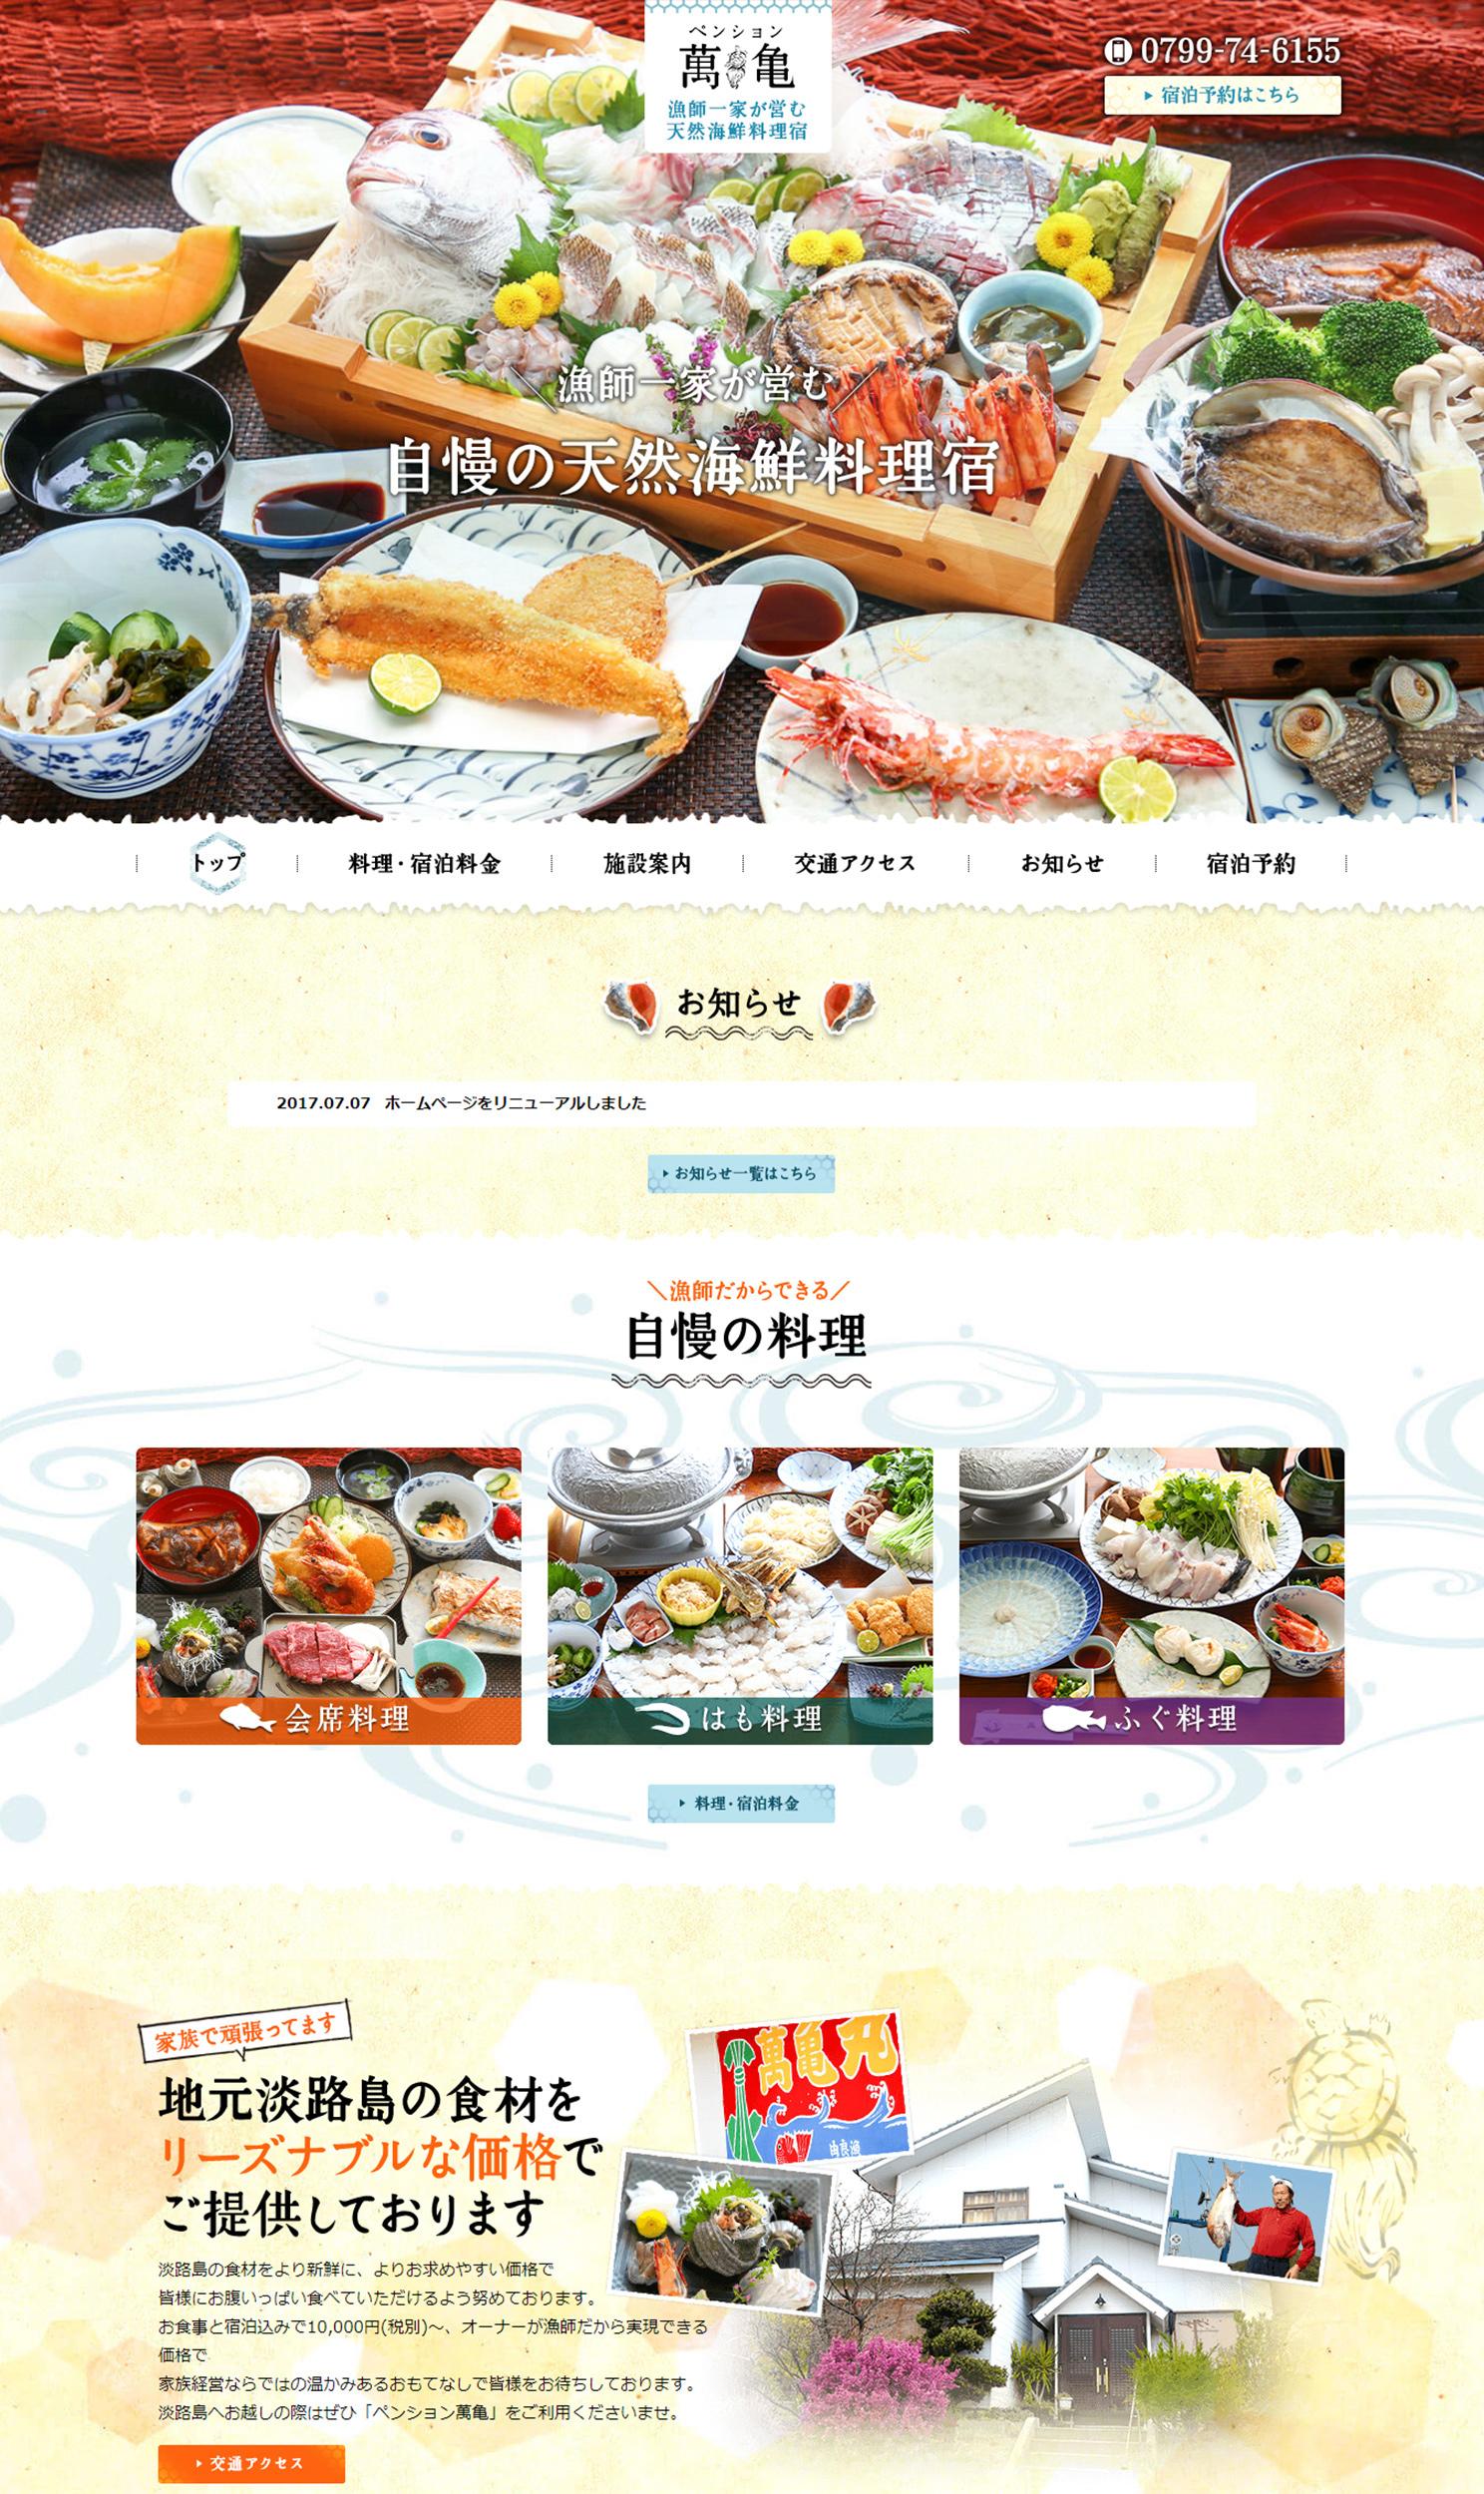 萬亀様ホームページ制作02